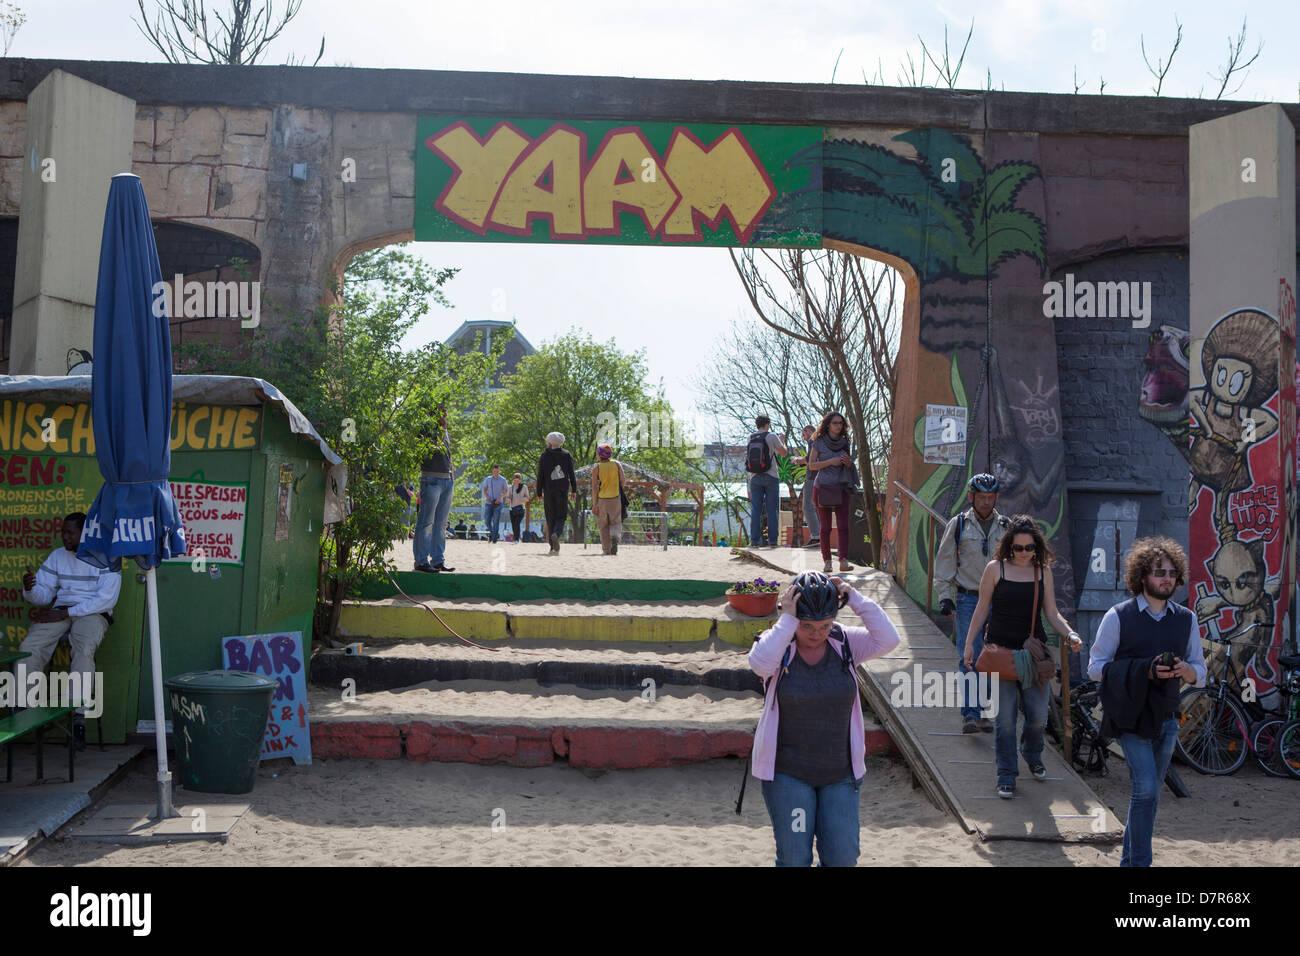 Giovane popolo tedesco a Yaam. Yaam è uno dei più importanti d'Europa luoghi per la cultura giovanile Immagini Stock